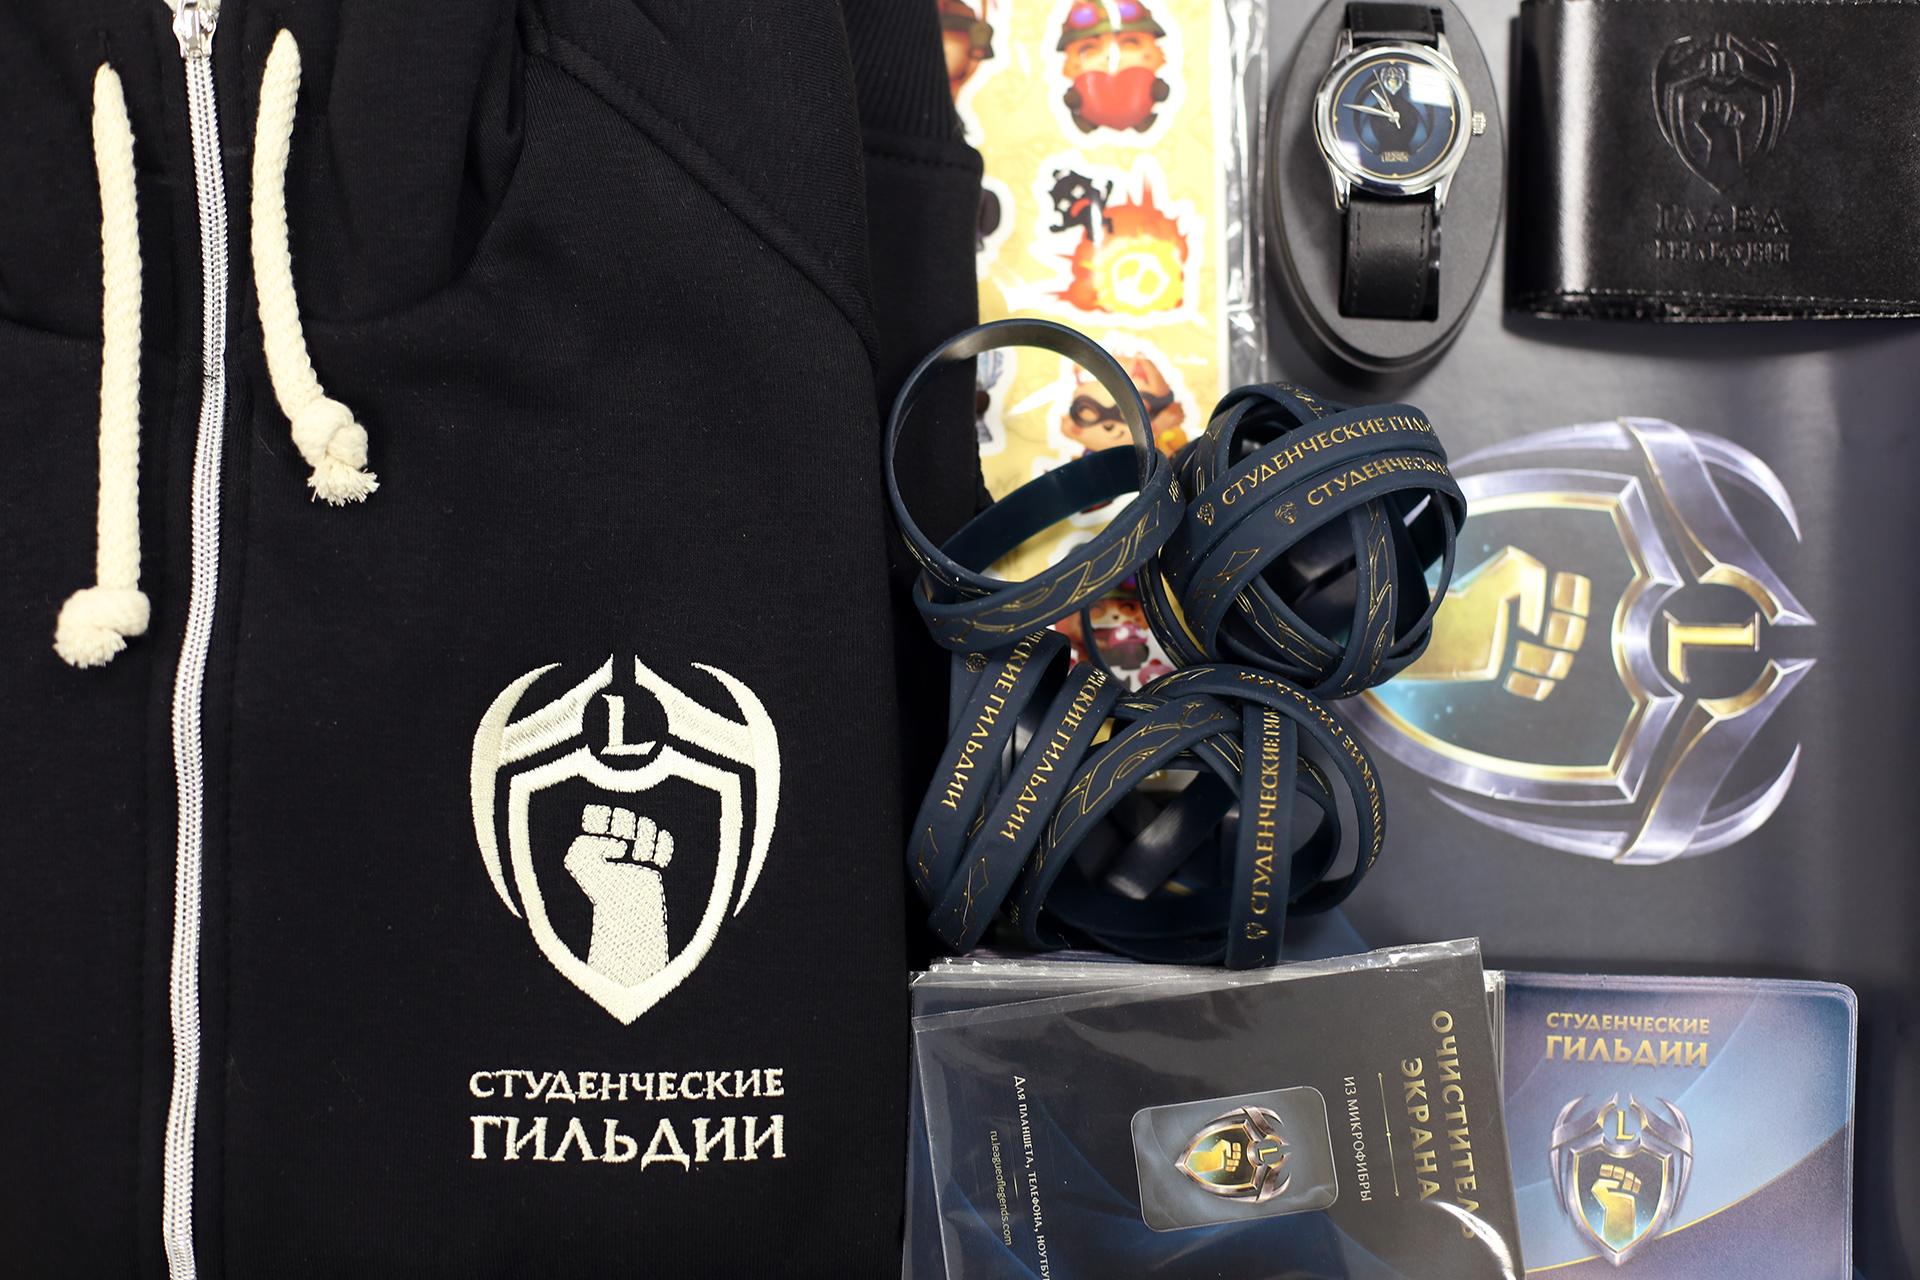 Награды Главам гильдии! - Сообщество League of Legends Форум